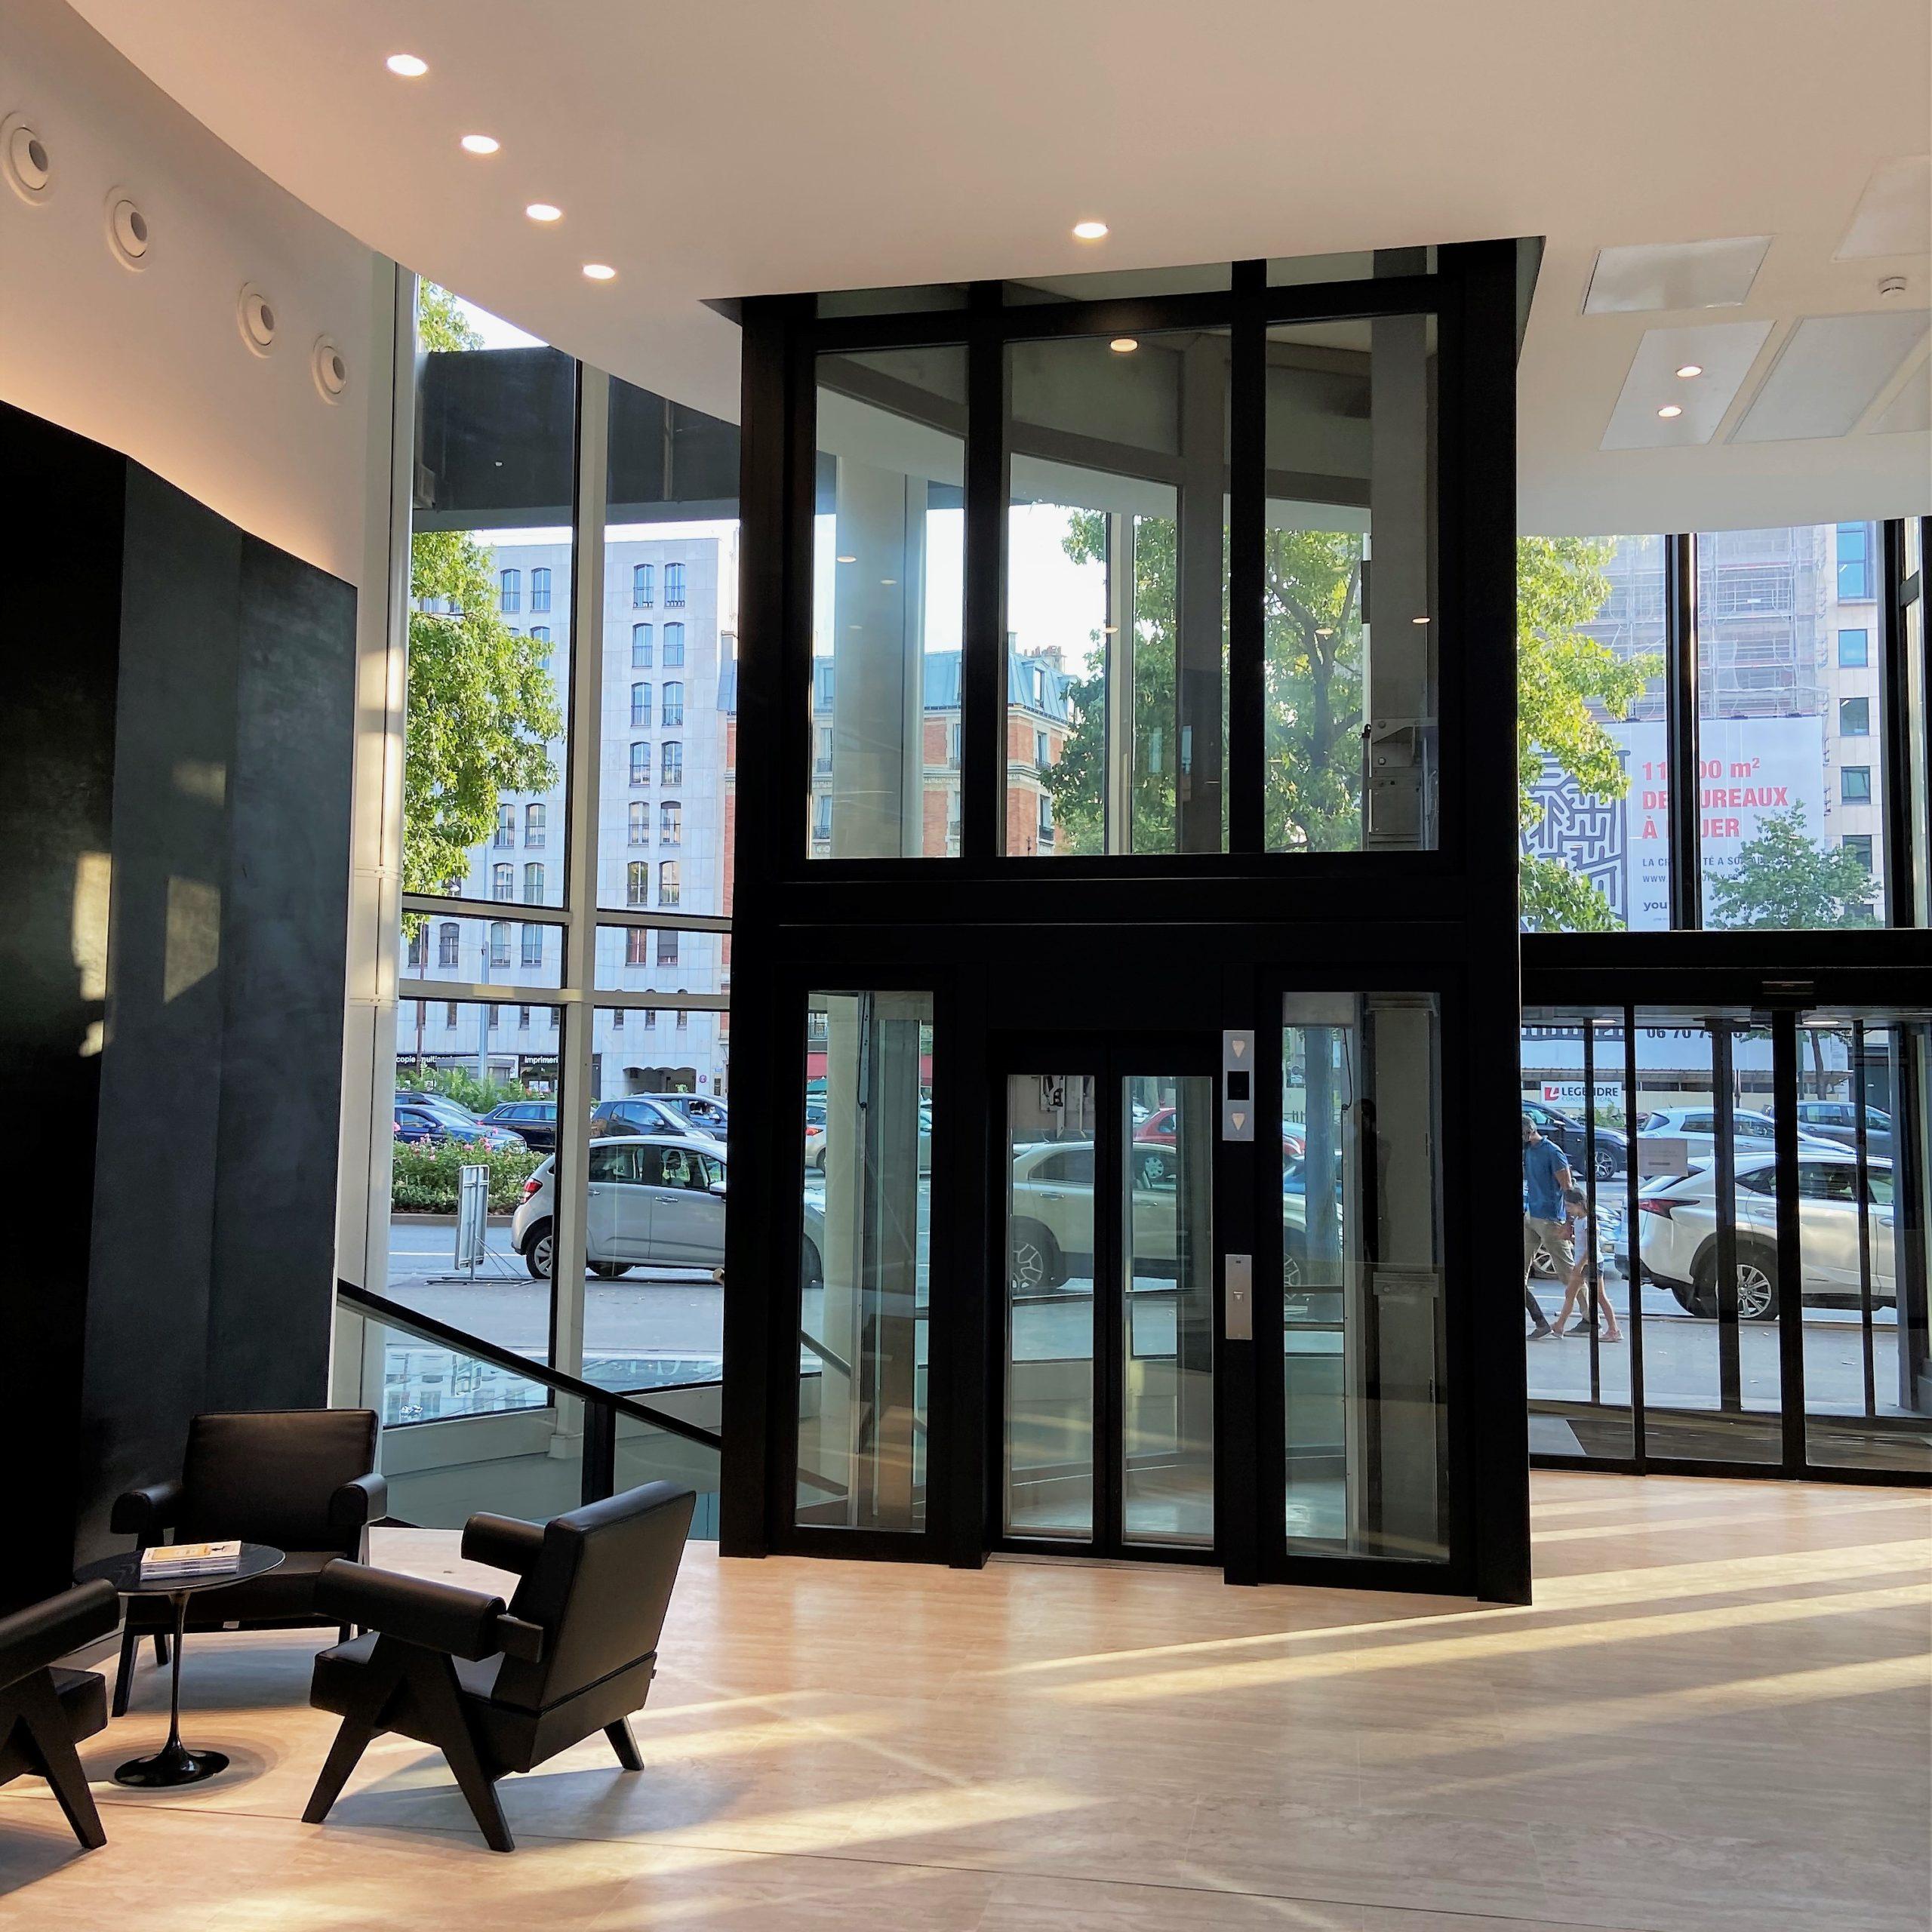 châssis de baies vitrés sur ascenseur panoramique - peinture électrostatique